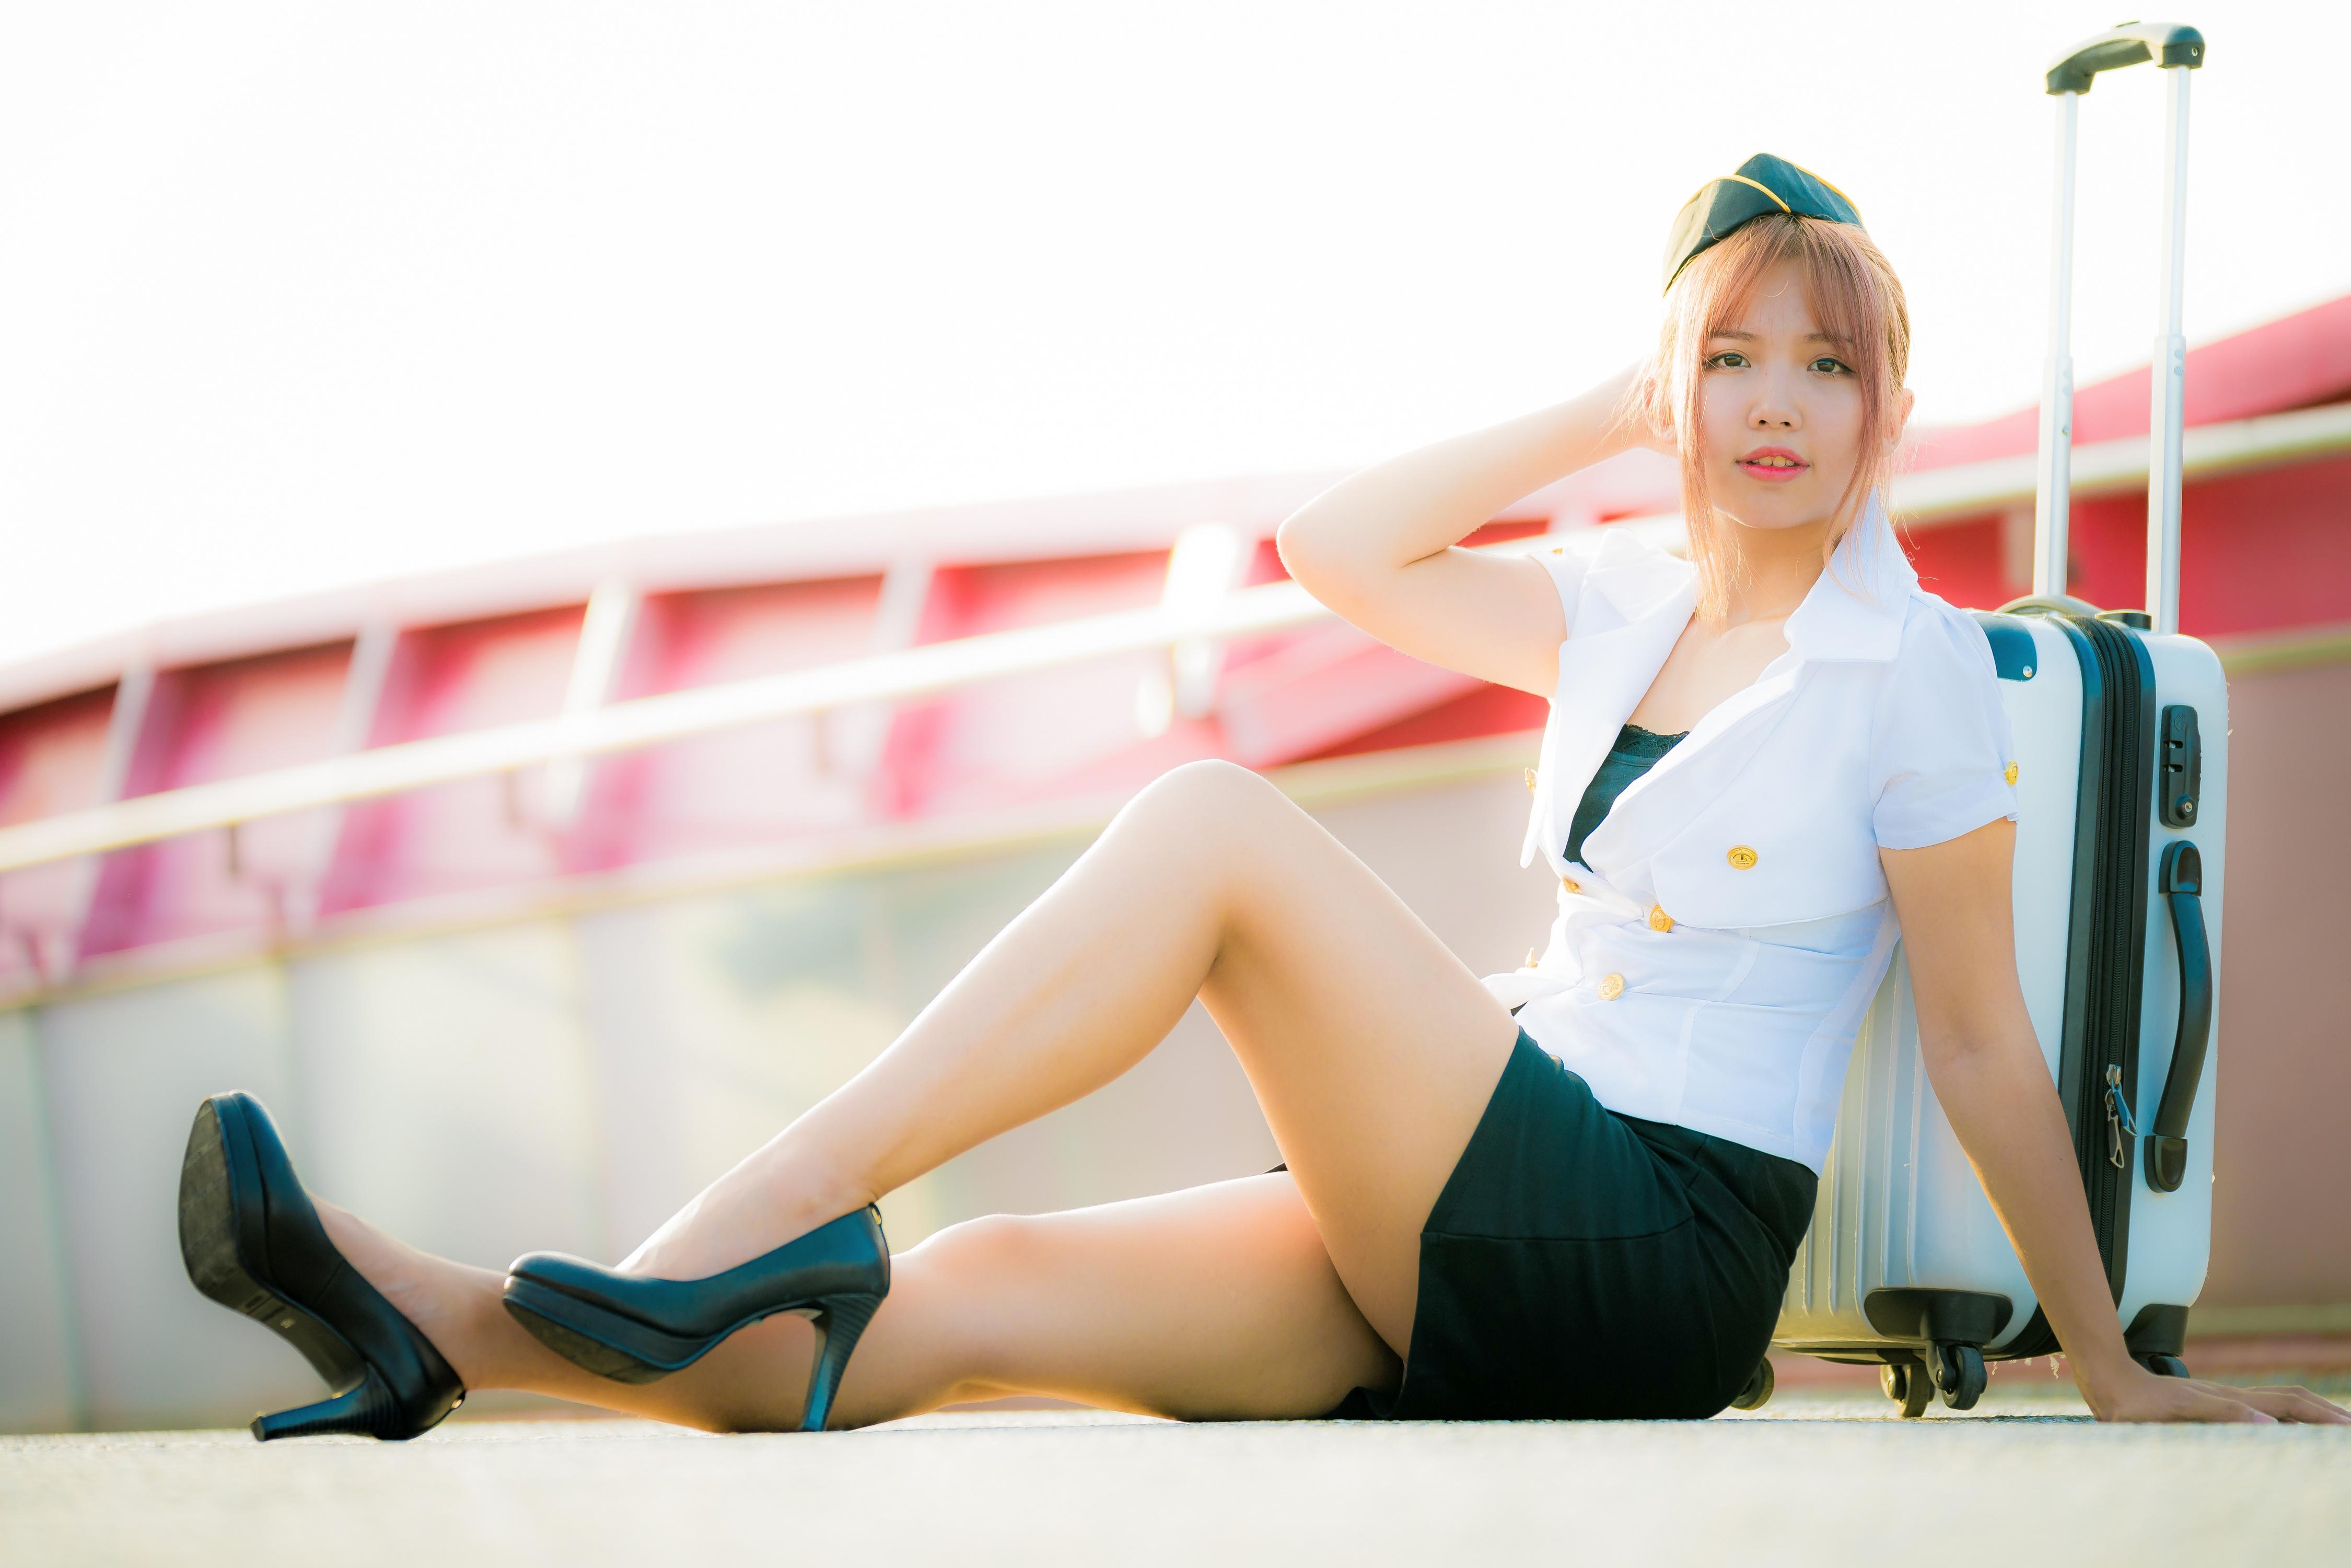 Стюардесса в колготках фотографии, Голые стюардессы на фото и обнаженные девушки » 14 фотография